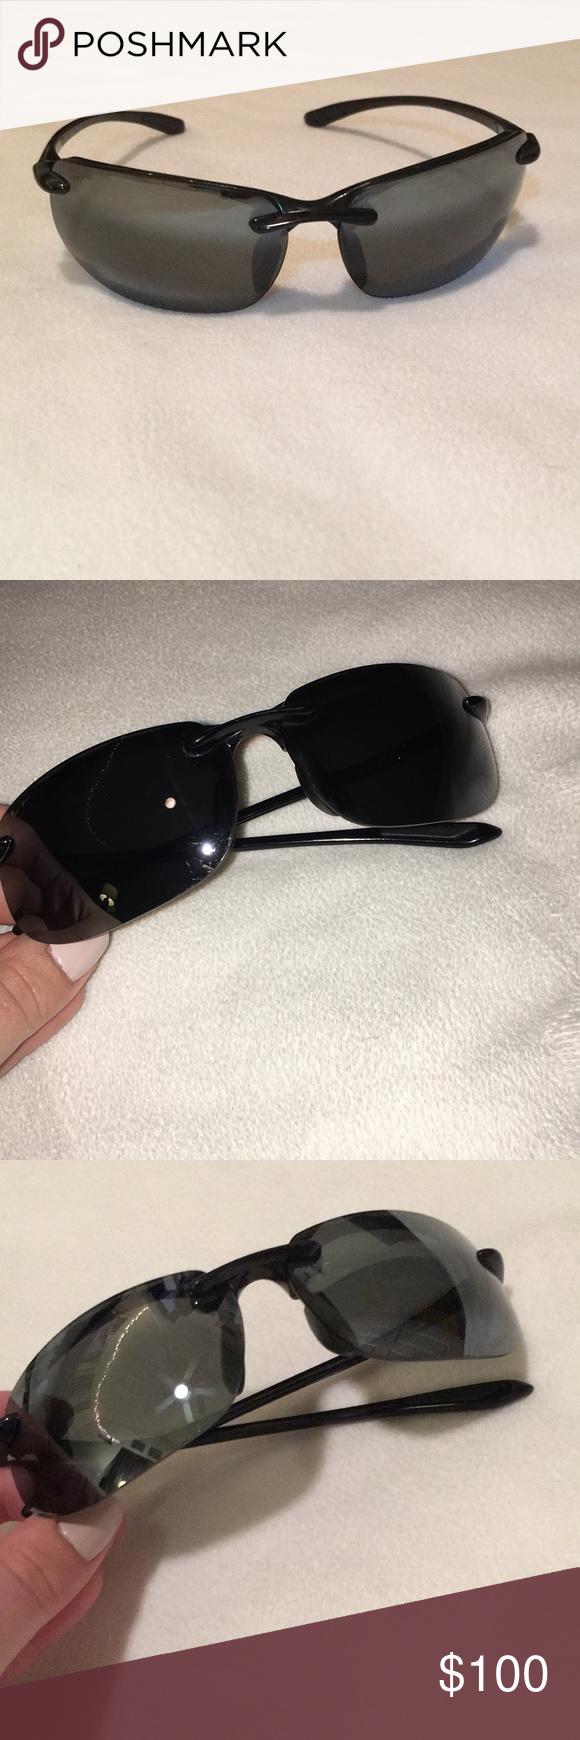 2992c67b06a Maui Jim MJ Sport    MJ-412-02 Banyans Sunglasses Good quality